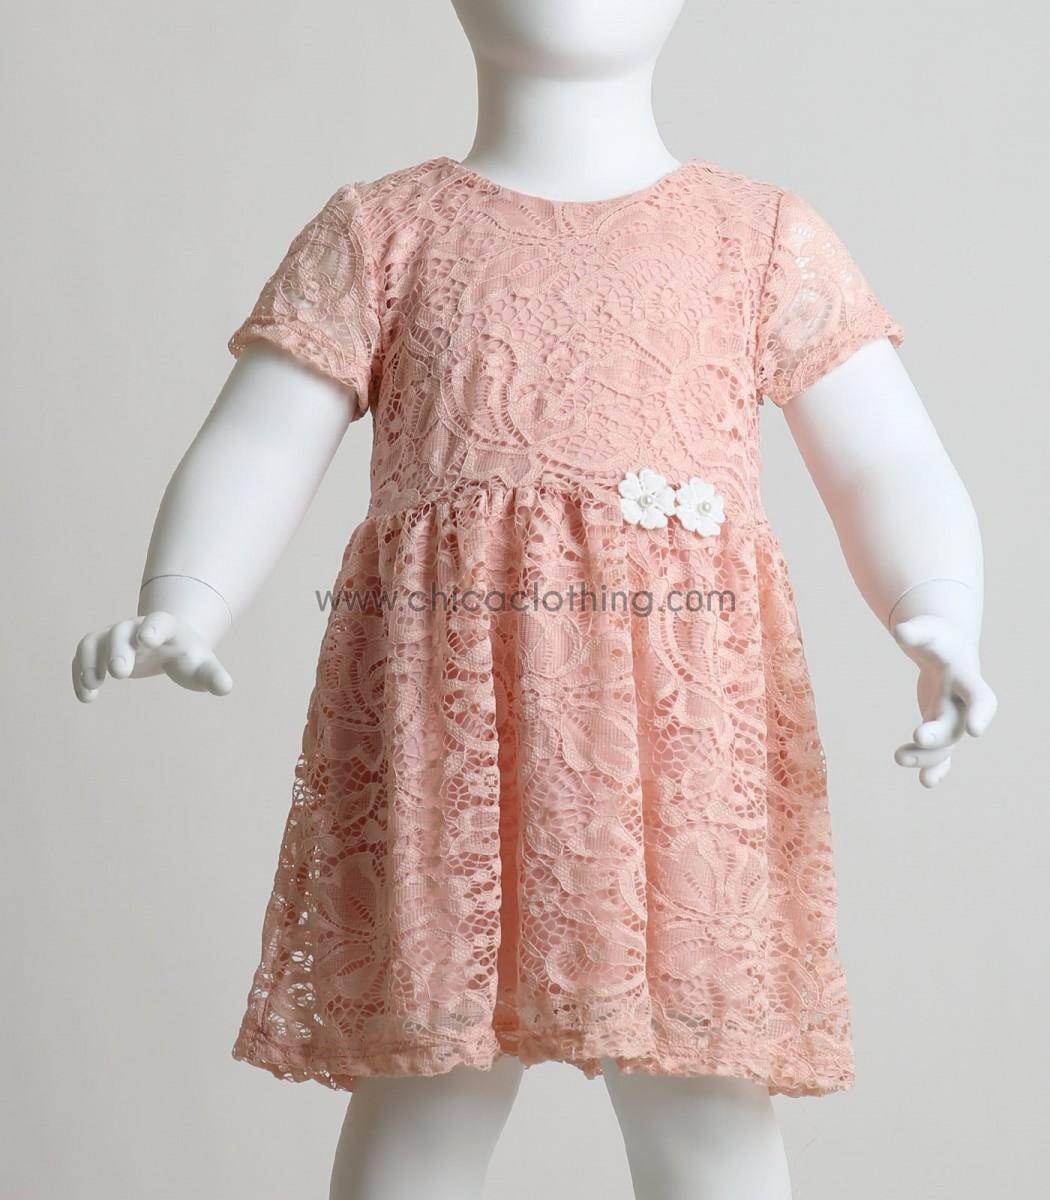 ed96718a5452 Βρεφικό ροζ δαντελένιο φόρεμα με φόδρα και λουλούδια